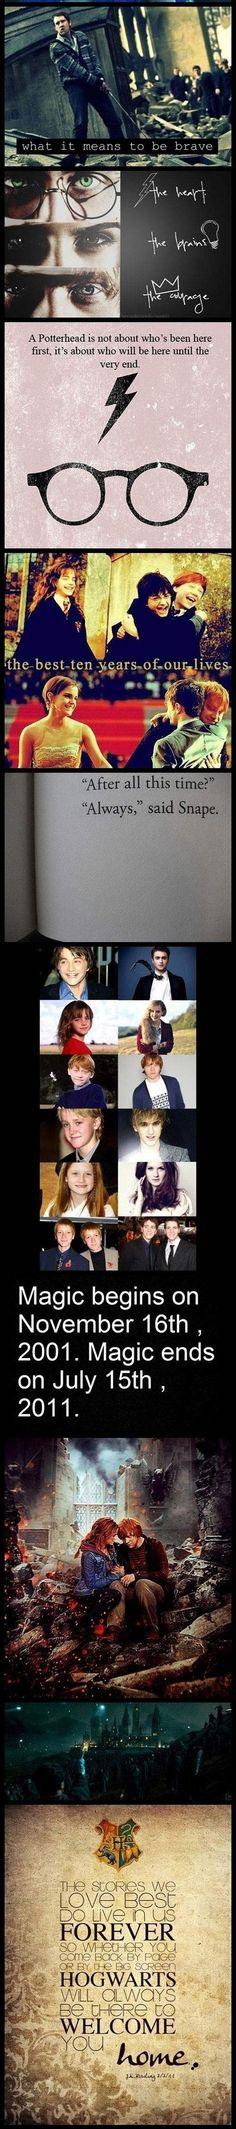 forever hogwarts